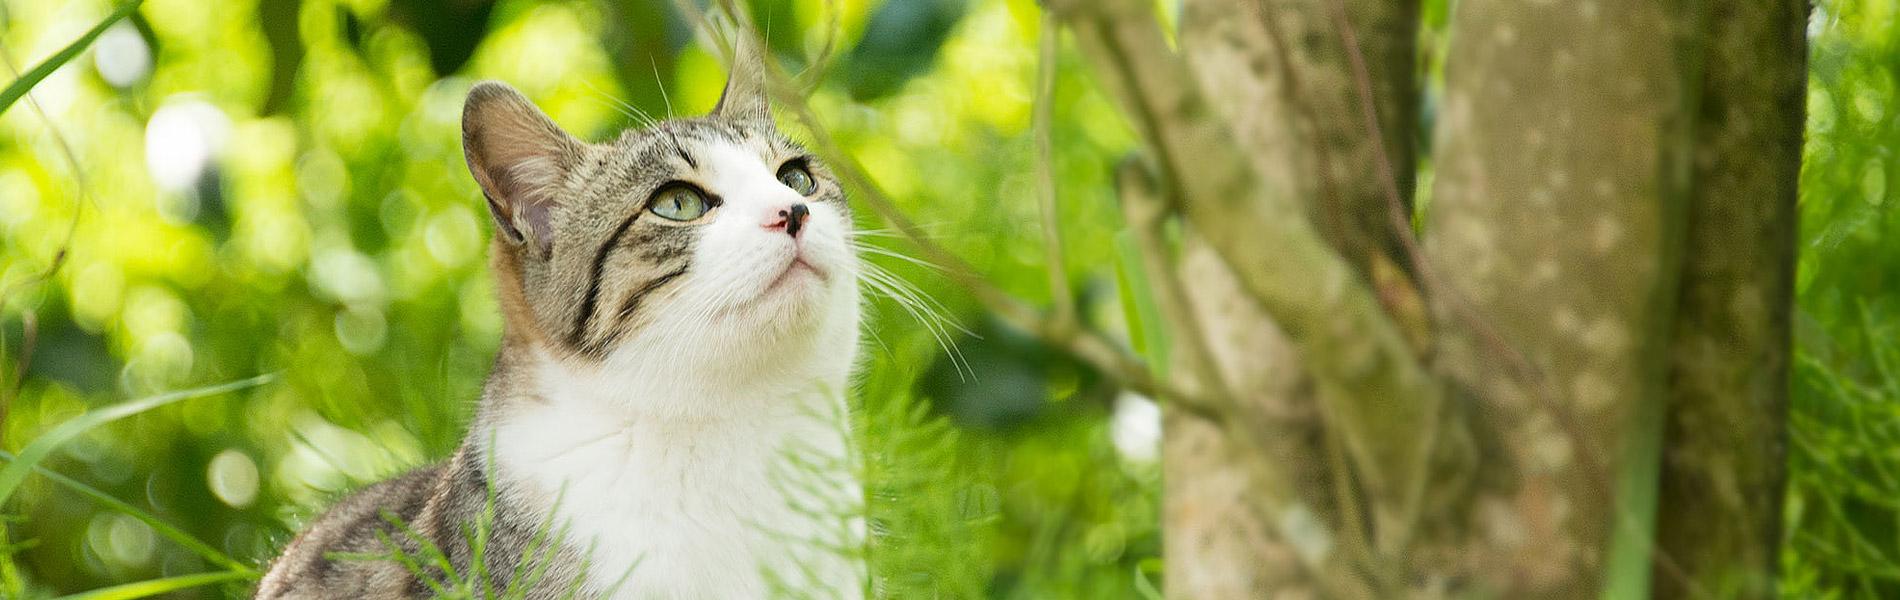 猫の健康を第一に考え、使うだけで地球温暖化防止に貢献する「命の猫砂」